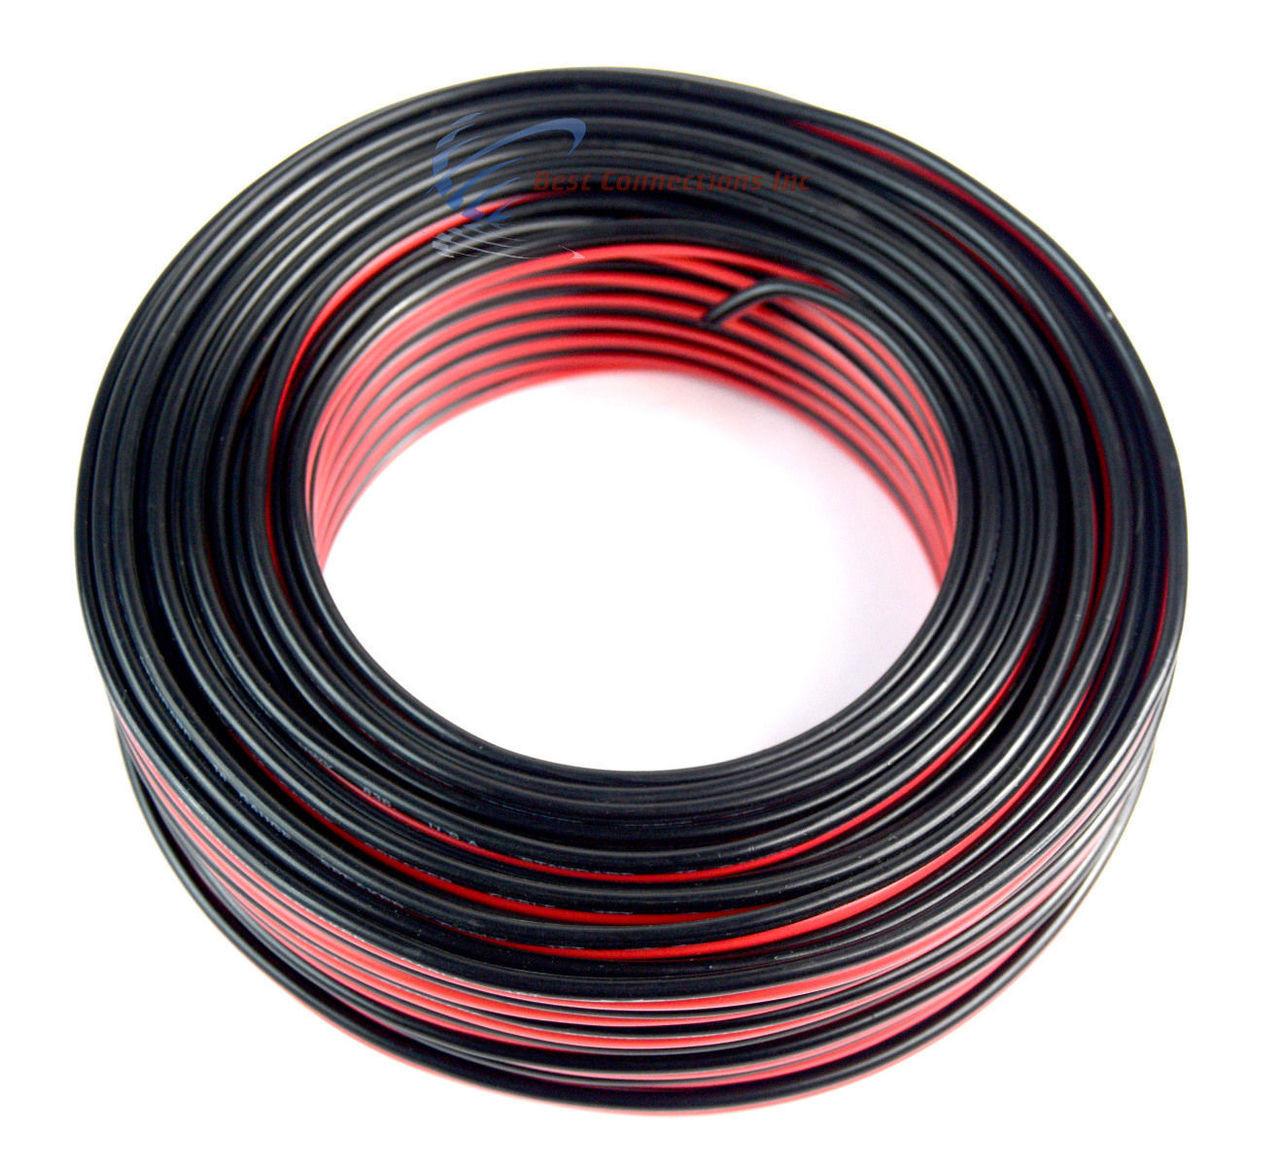 100 U0026 39  Feet 16 Gauge Zip Speaker Wire Red Black Stranded